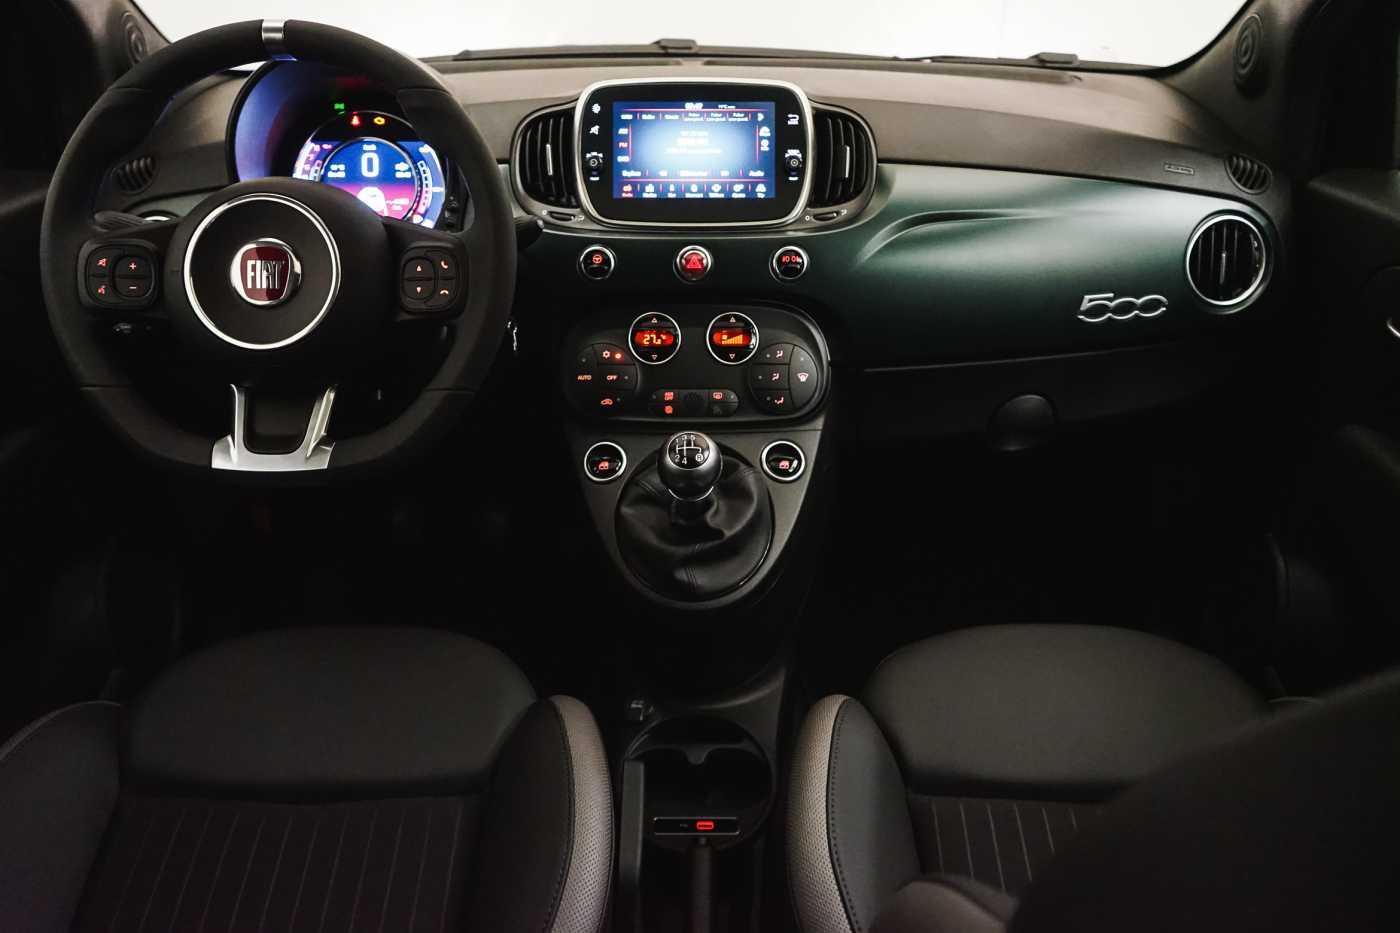 Fiat 500 1.2i Rockstar (EU6d-TEMP) 11/29